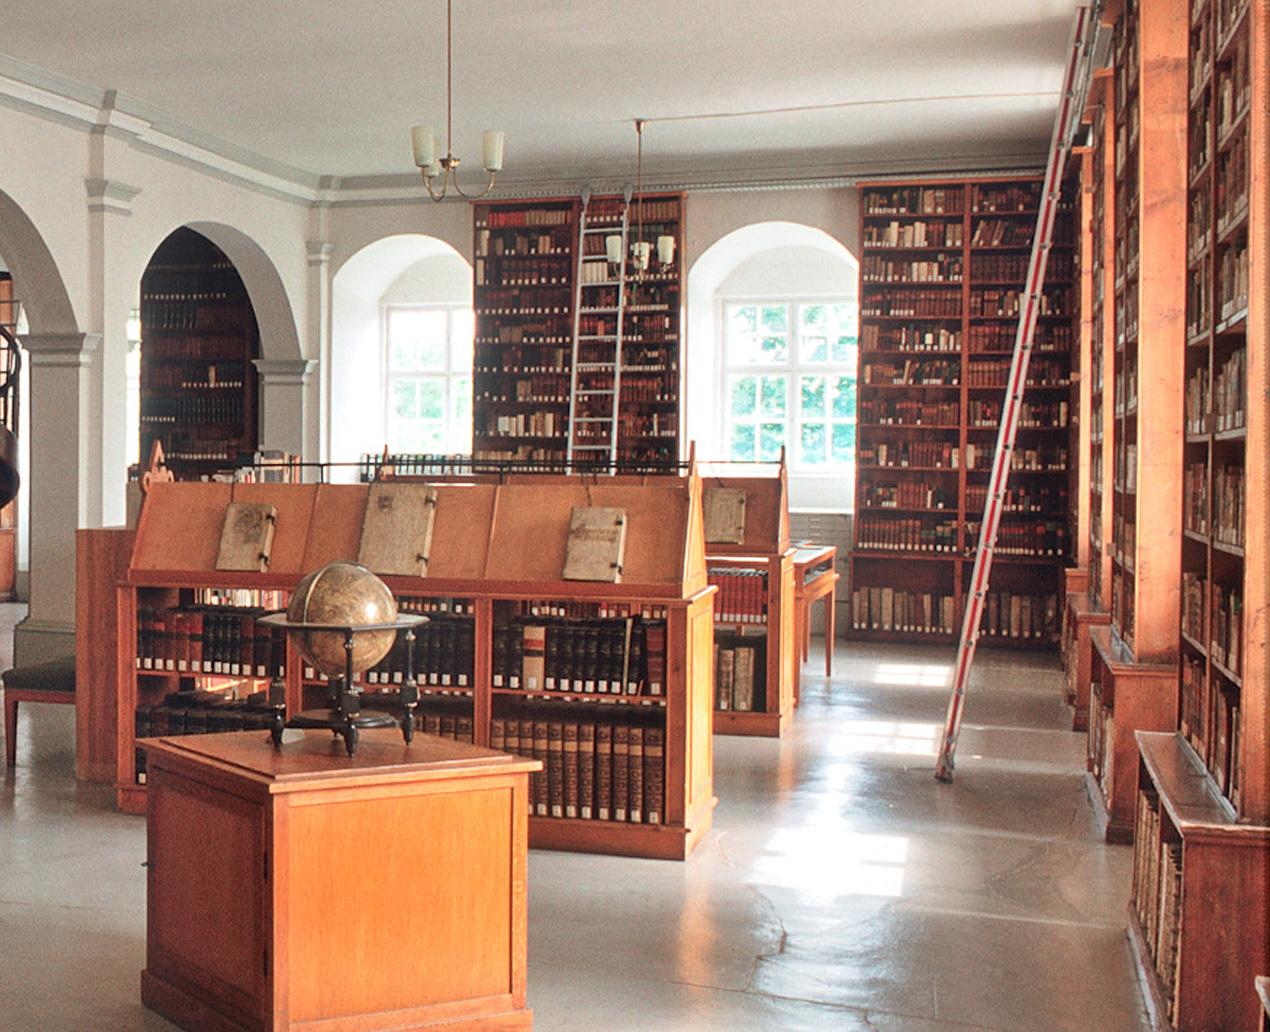 Universitäts- und Forschungsbibliothek ©SSFG